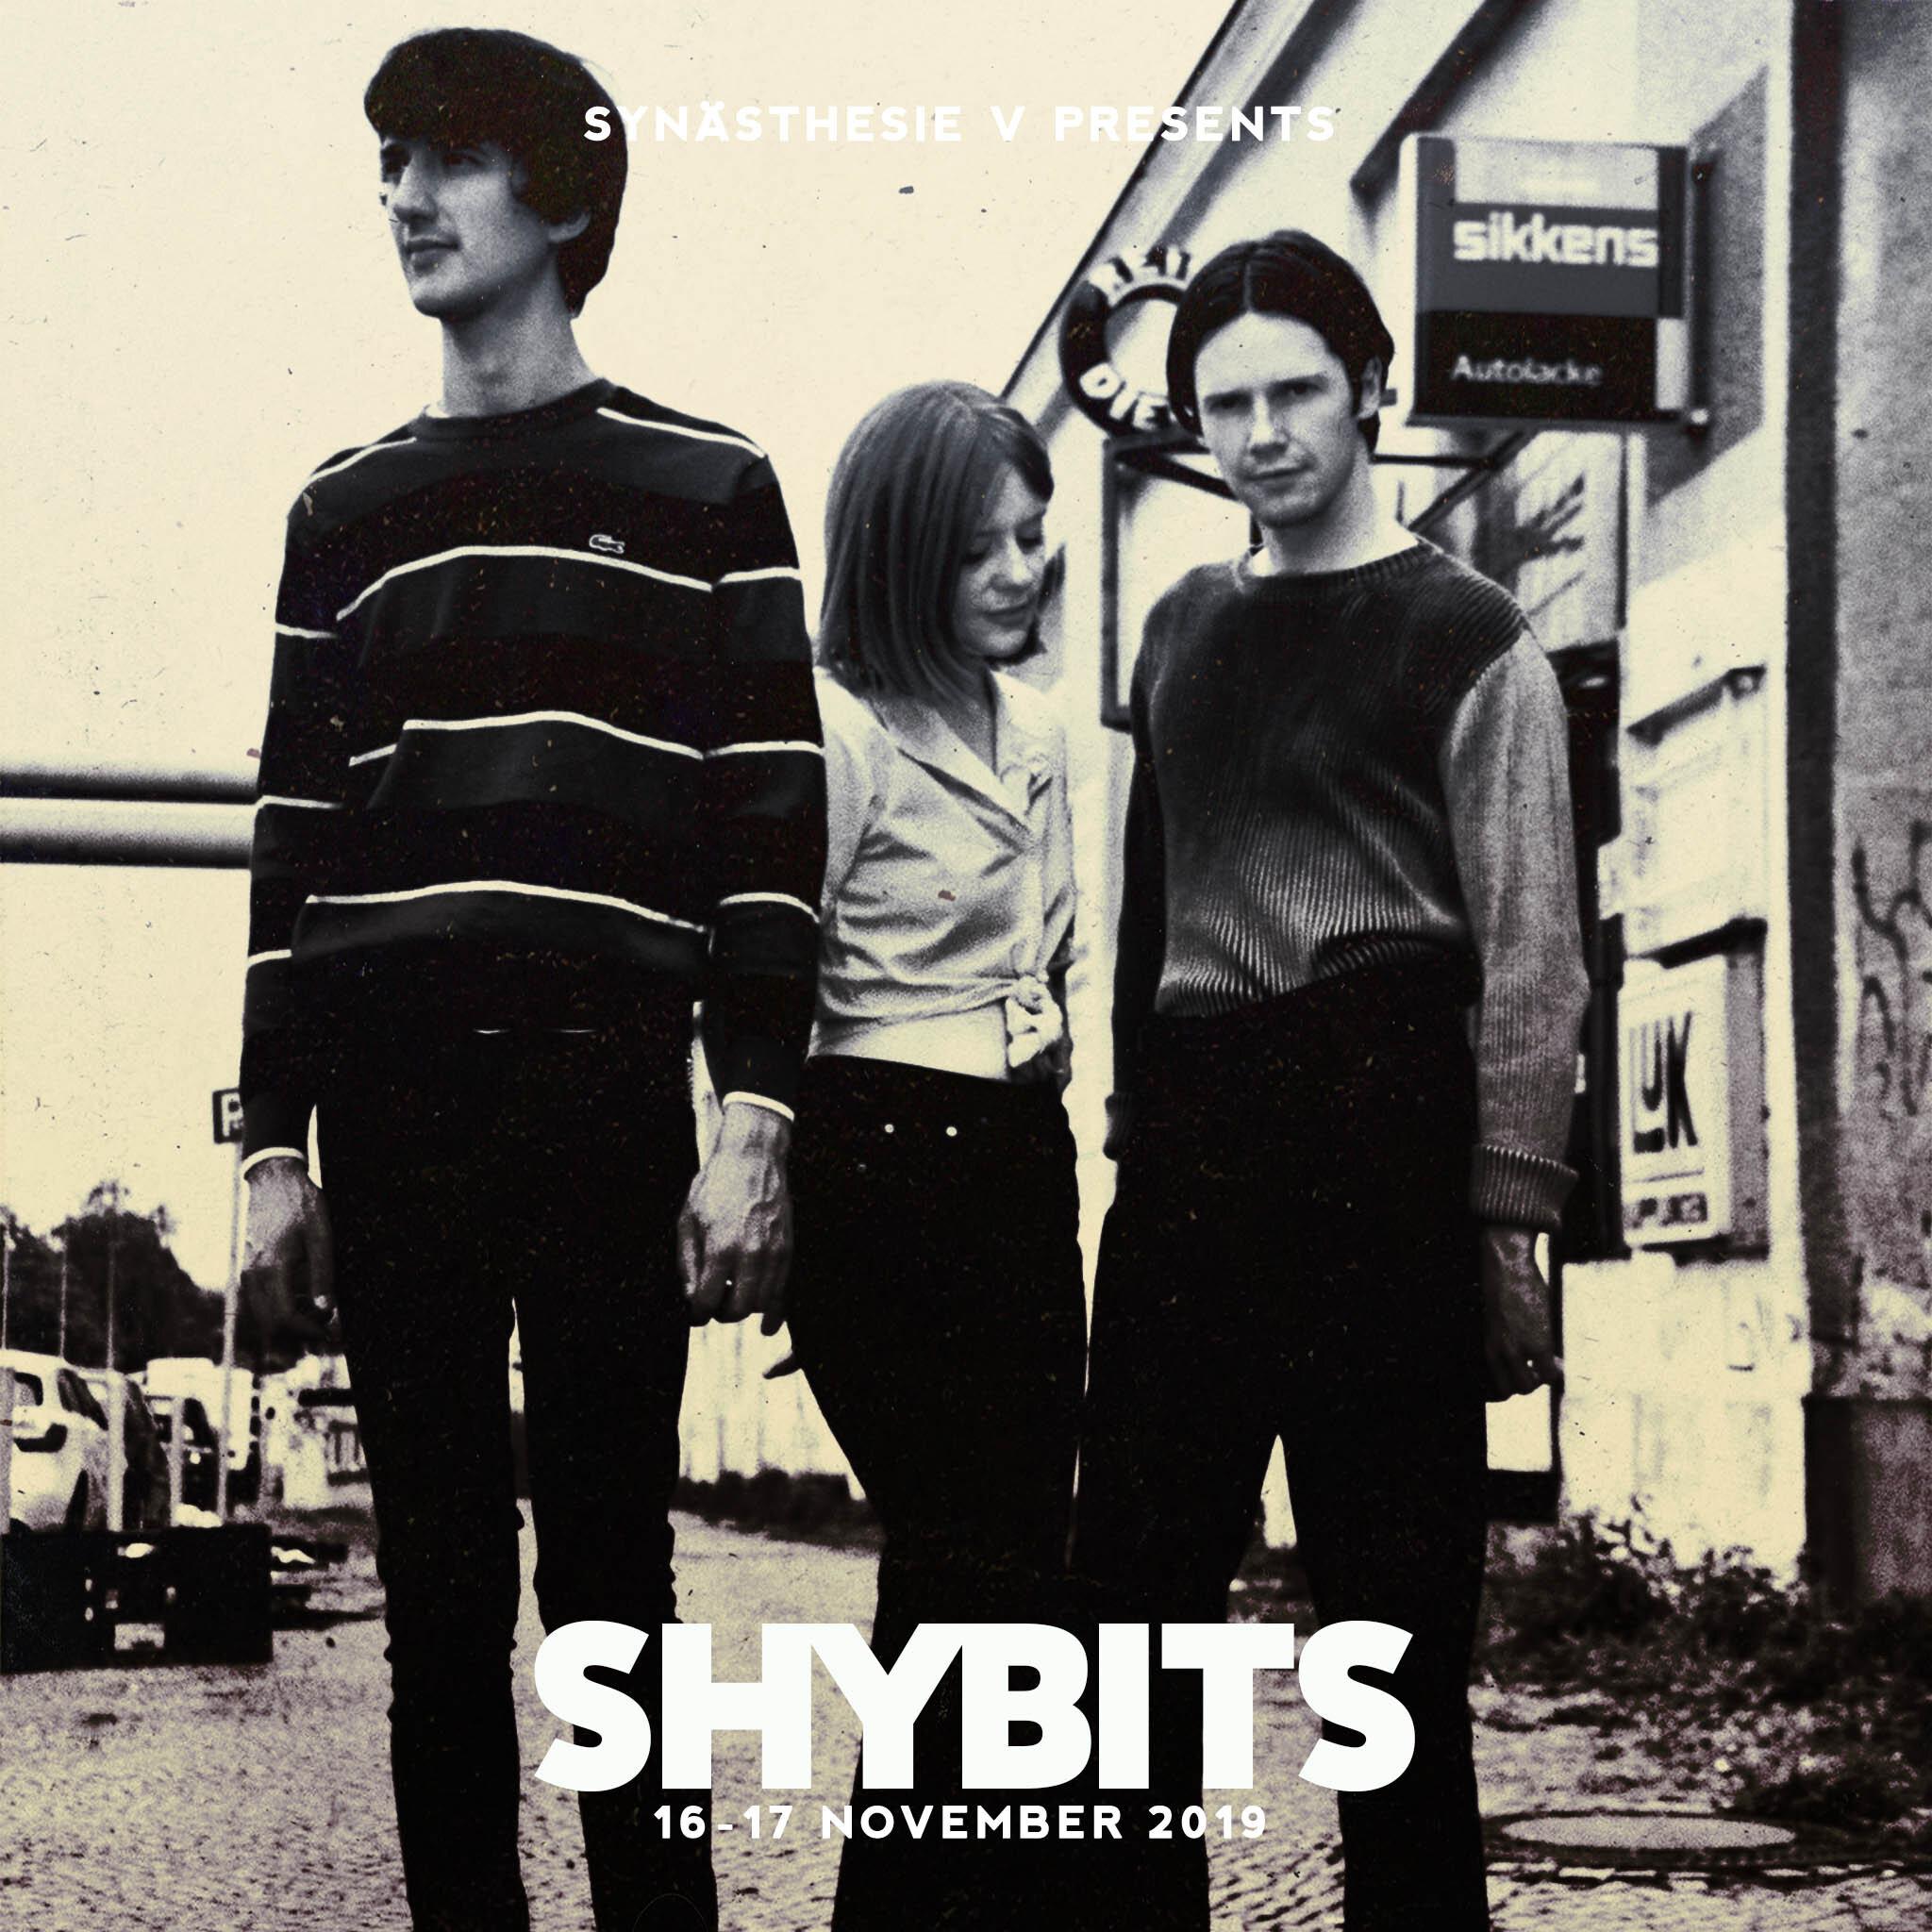 Shybits.jpg